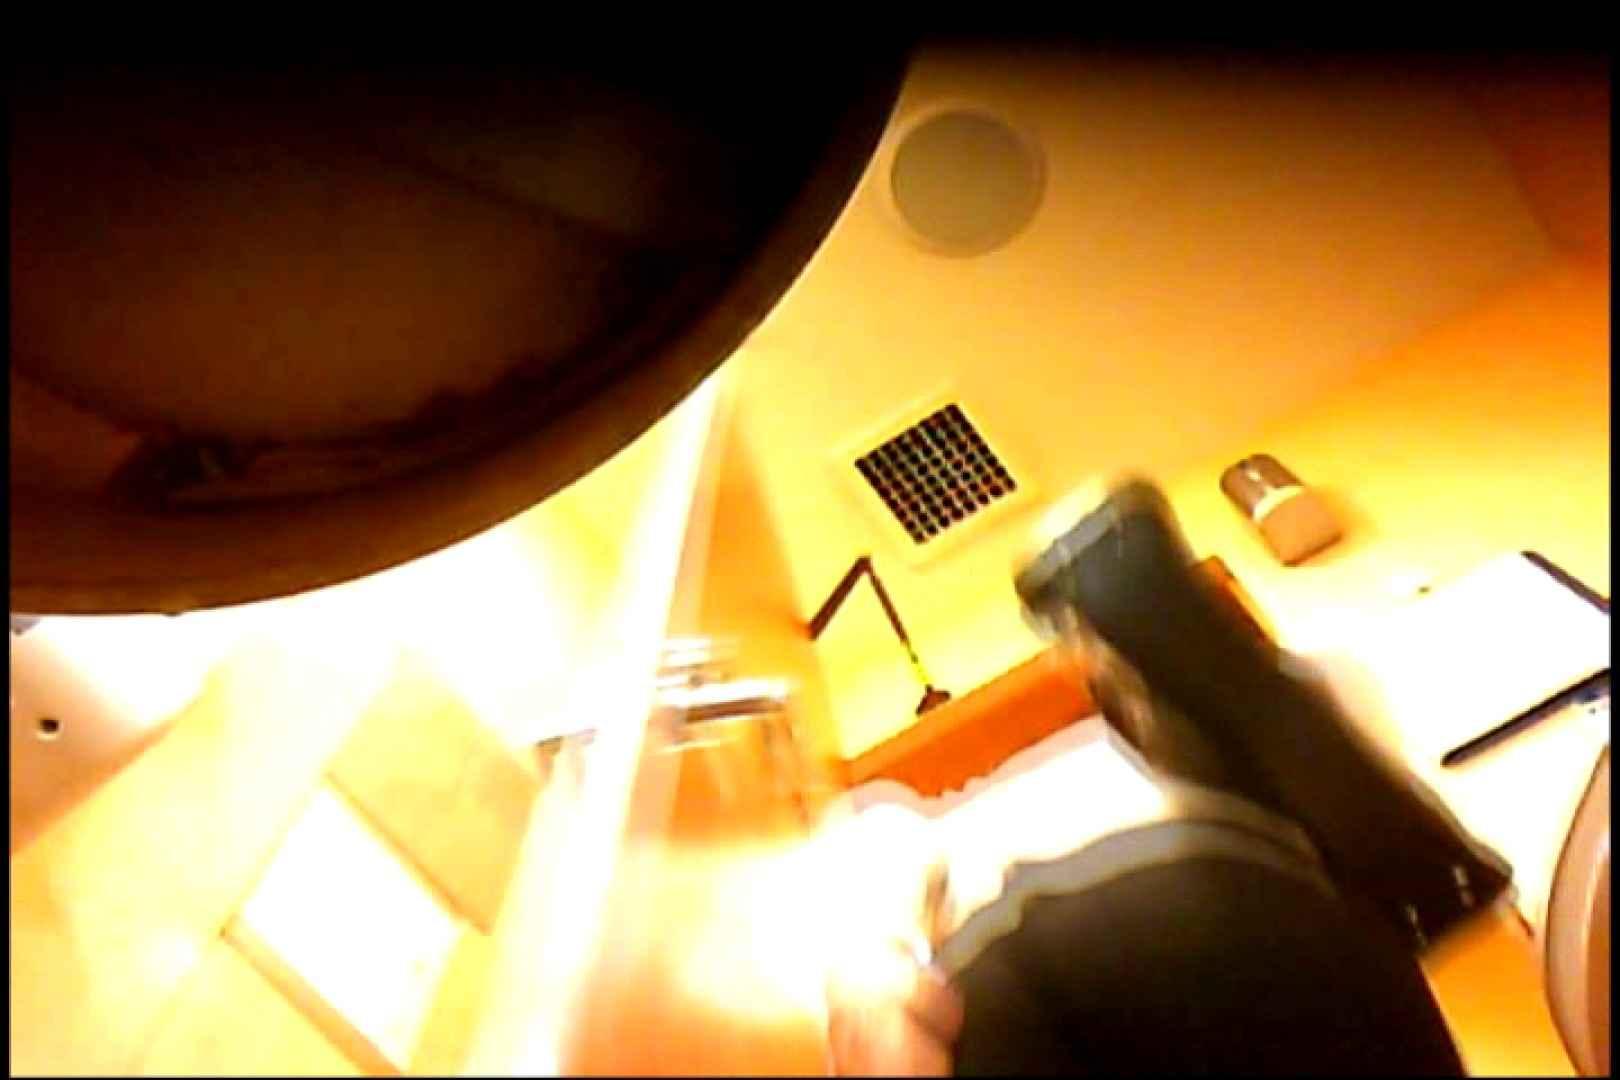 マダムが集まるデパートお手洗い Vol.11 エロいOL のぞき動画キャプチャ 77枚